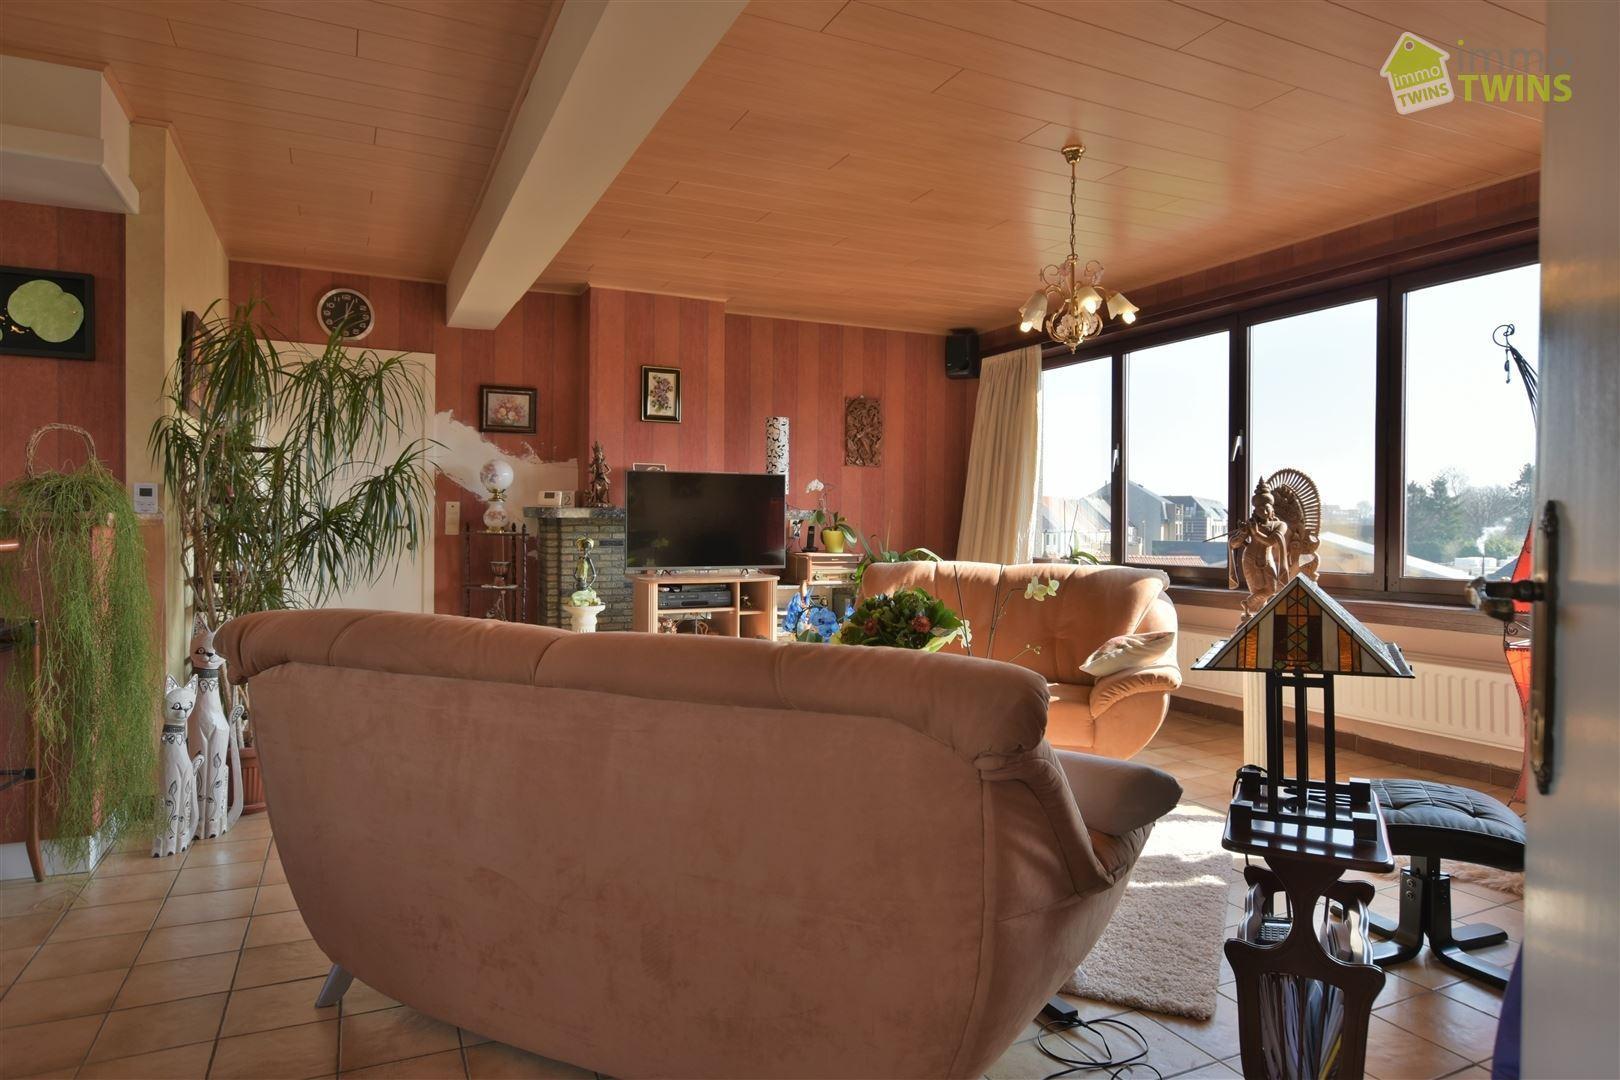 Foto 4 : Appartement te 9300 AALST (België) - Prijs € 224.000